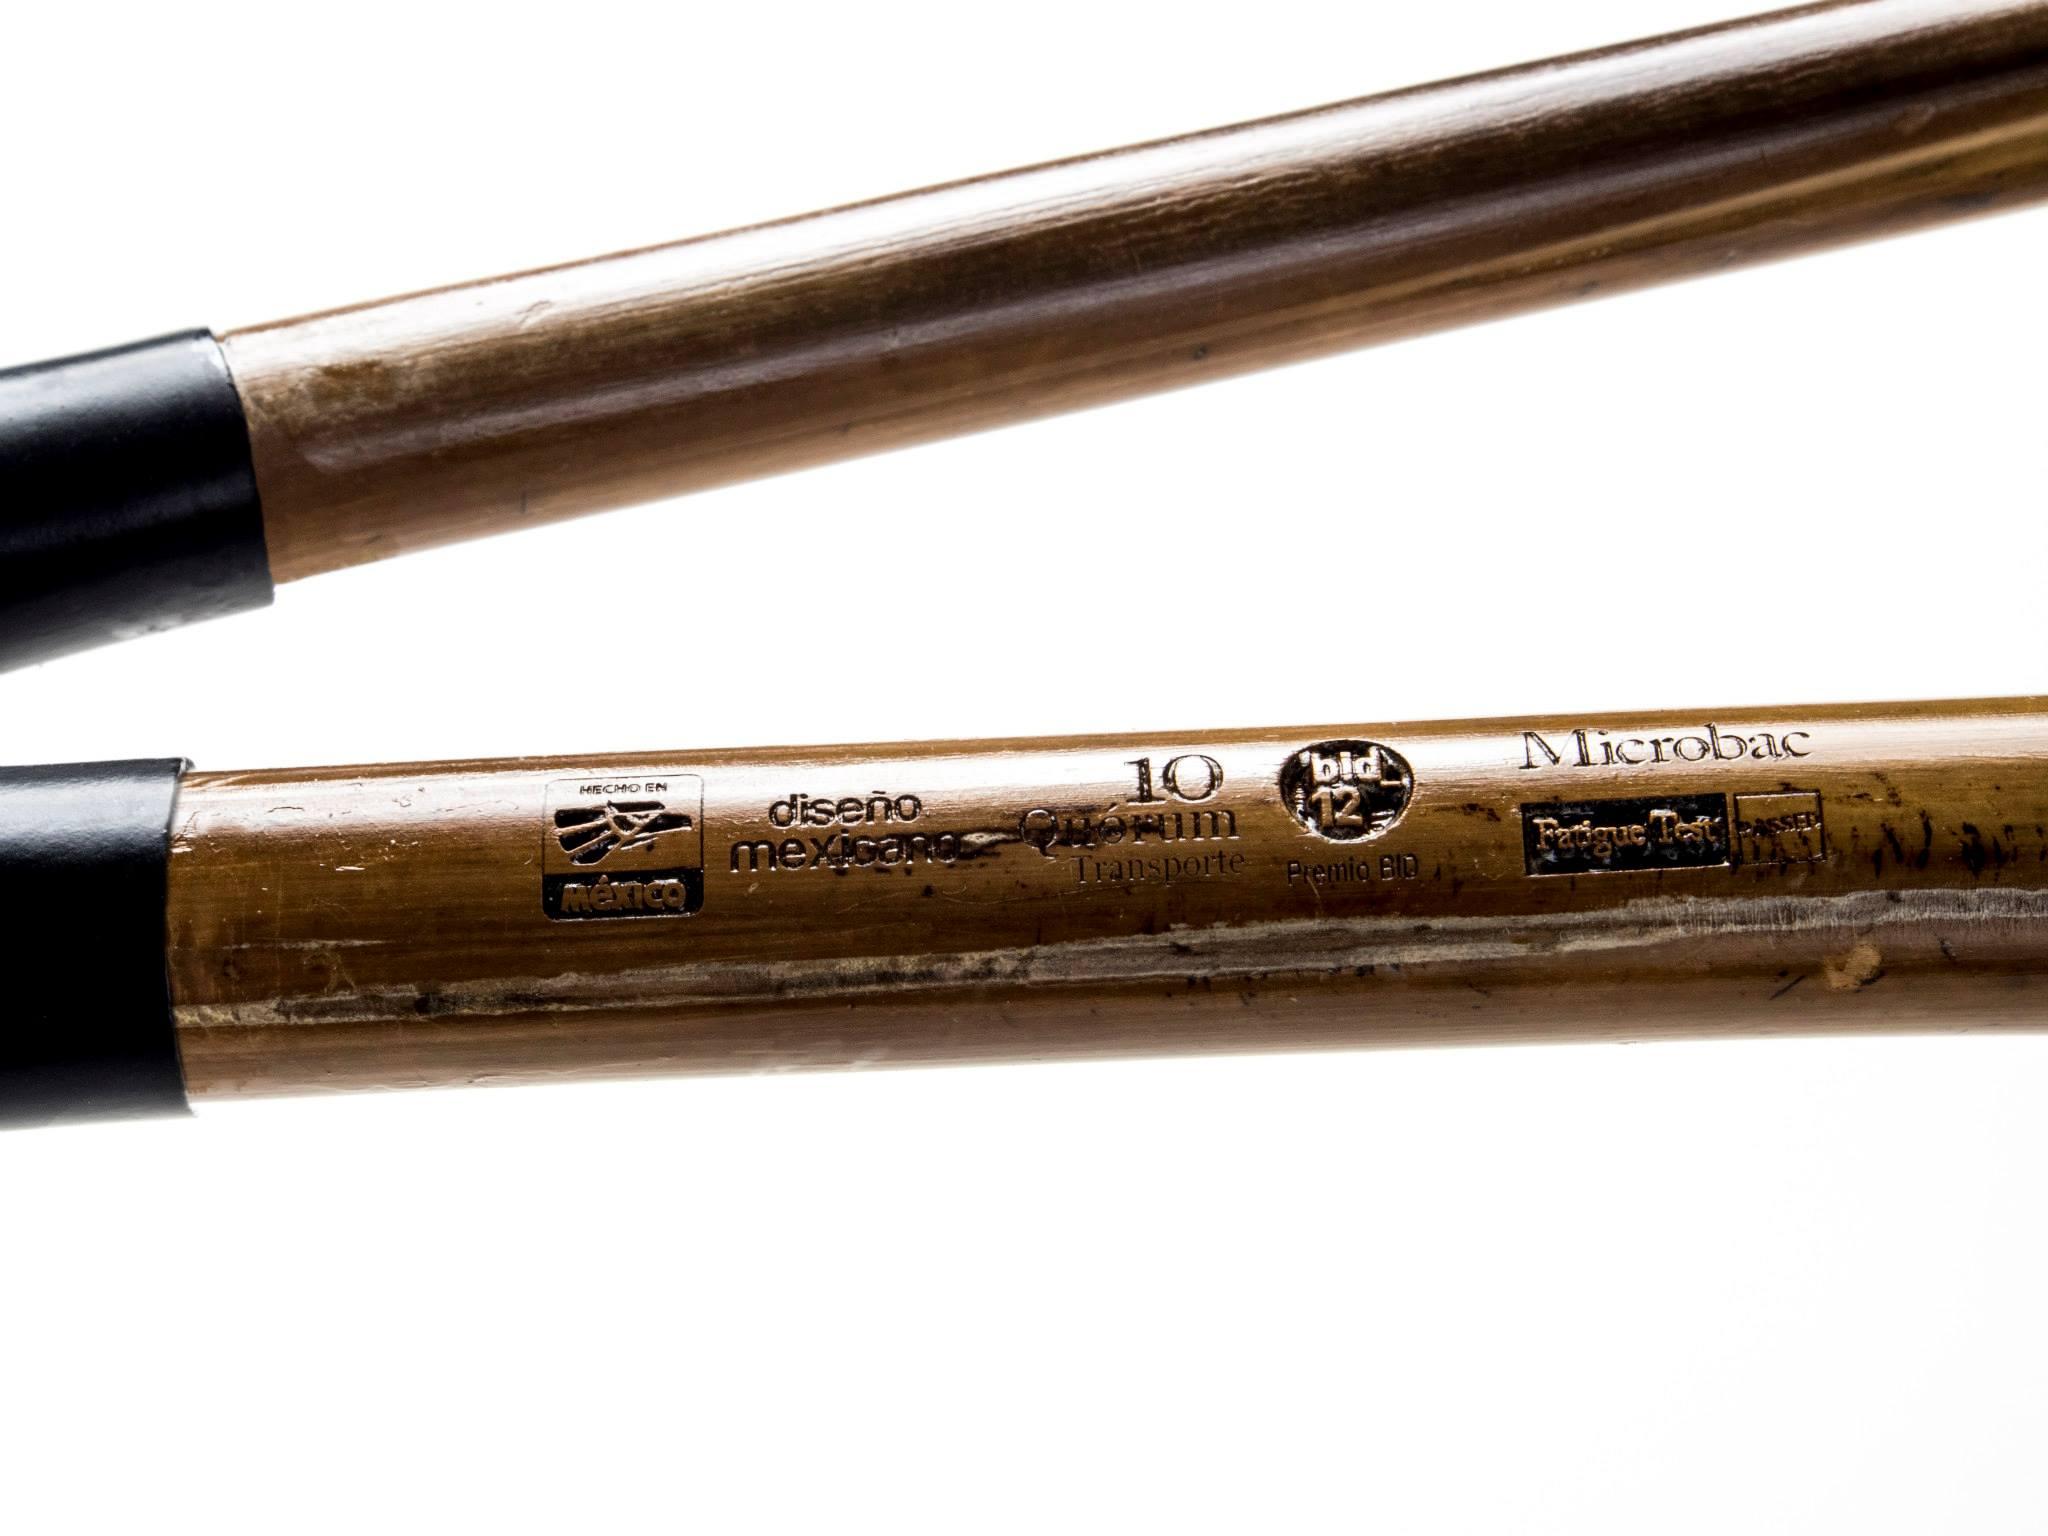 Tolle Verarbeitung auch im Detail: Prägung im Bambusrahmen der mexikanischen FahrradfirmaBamboocycles.